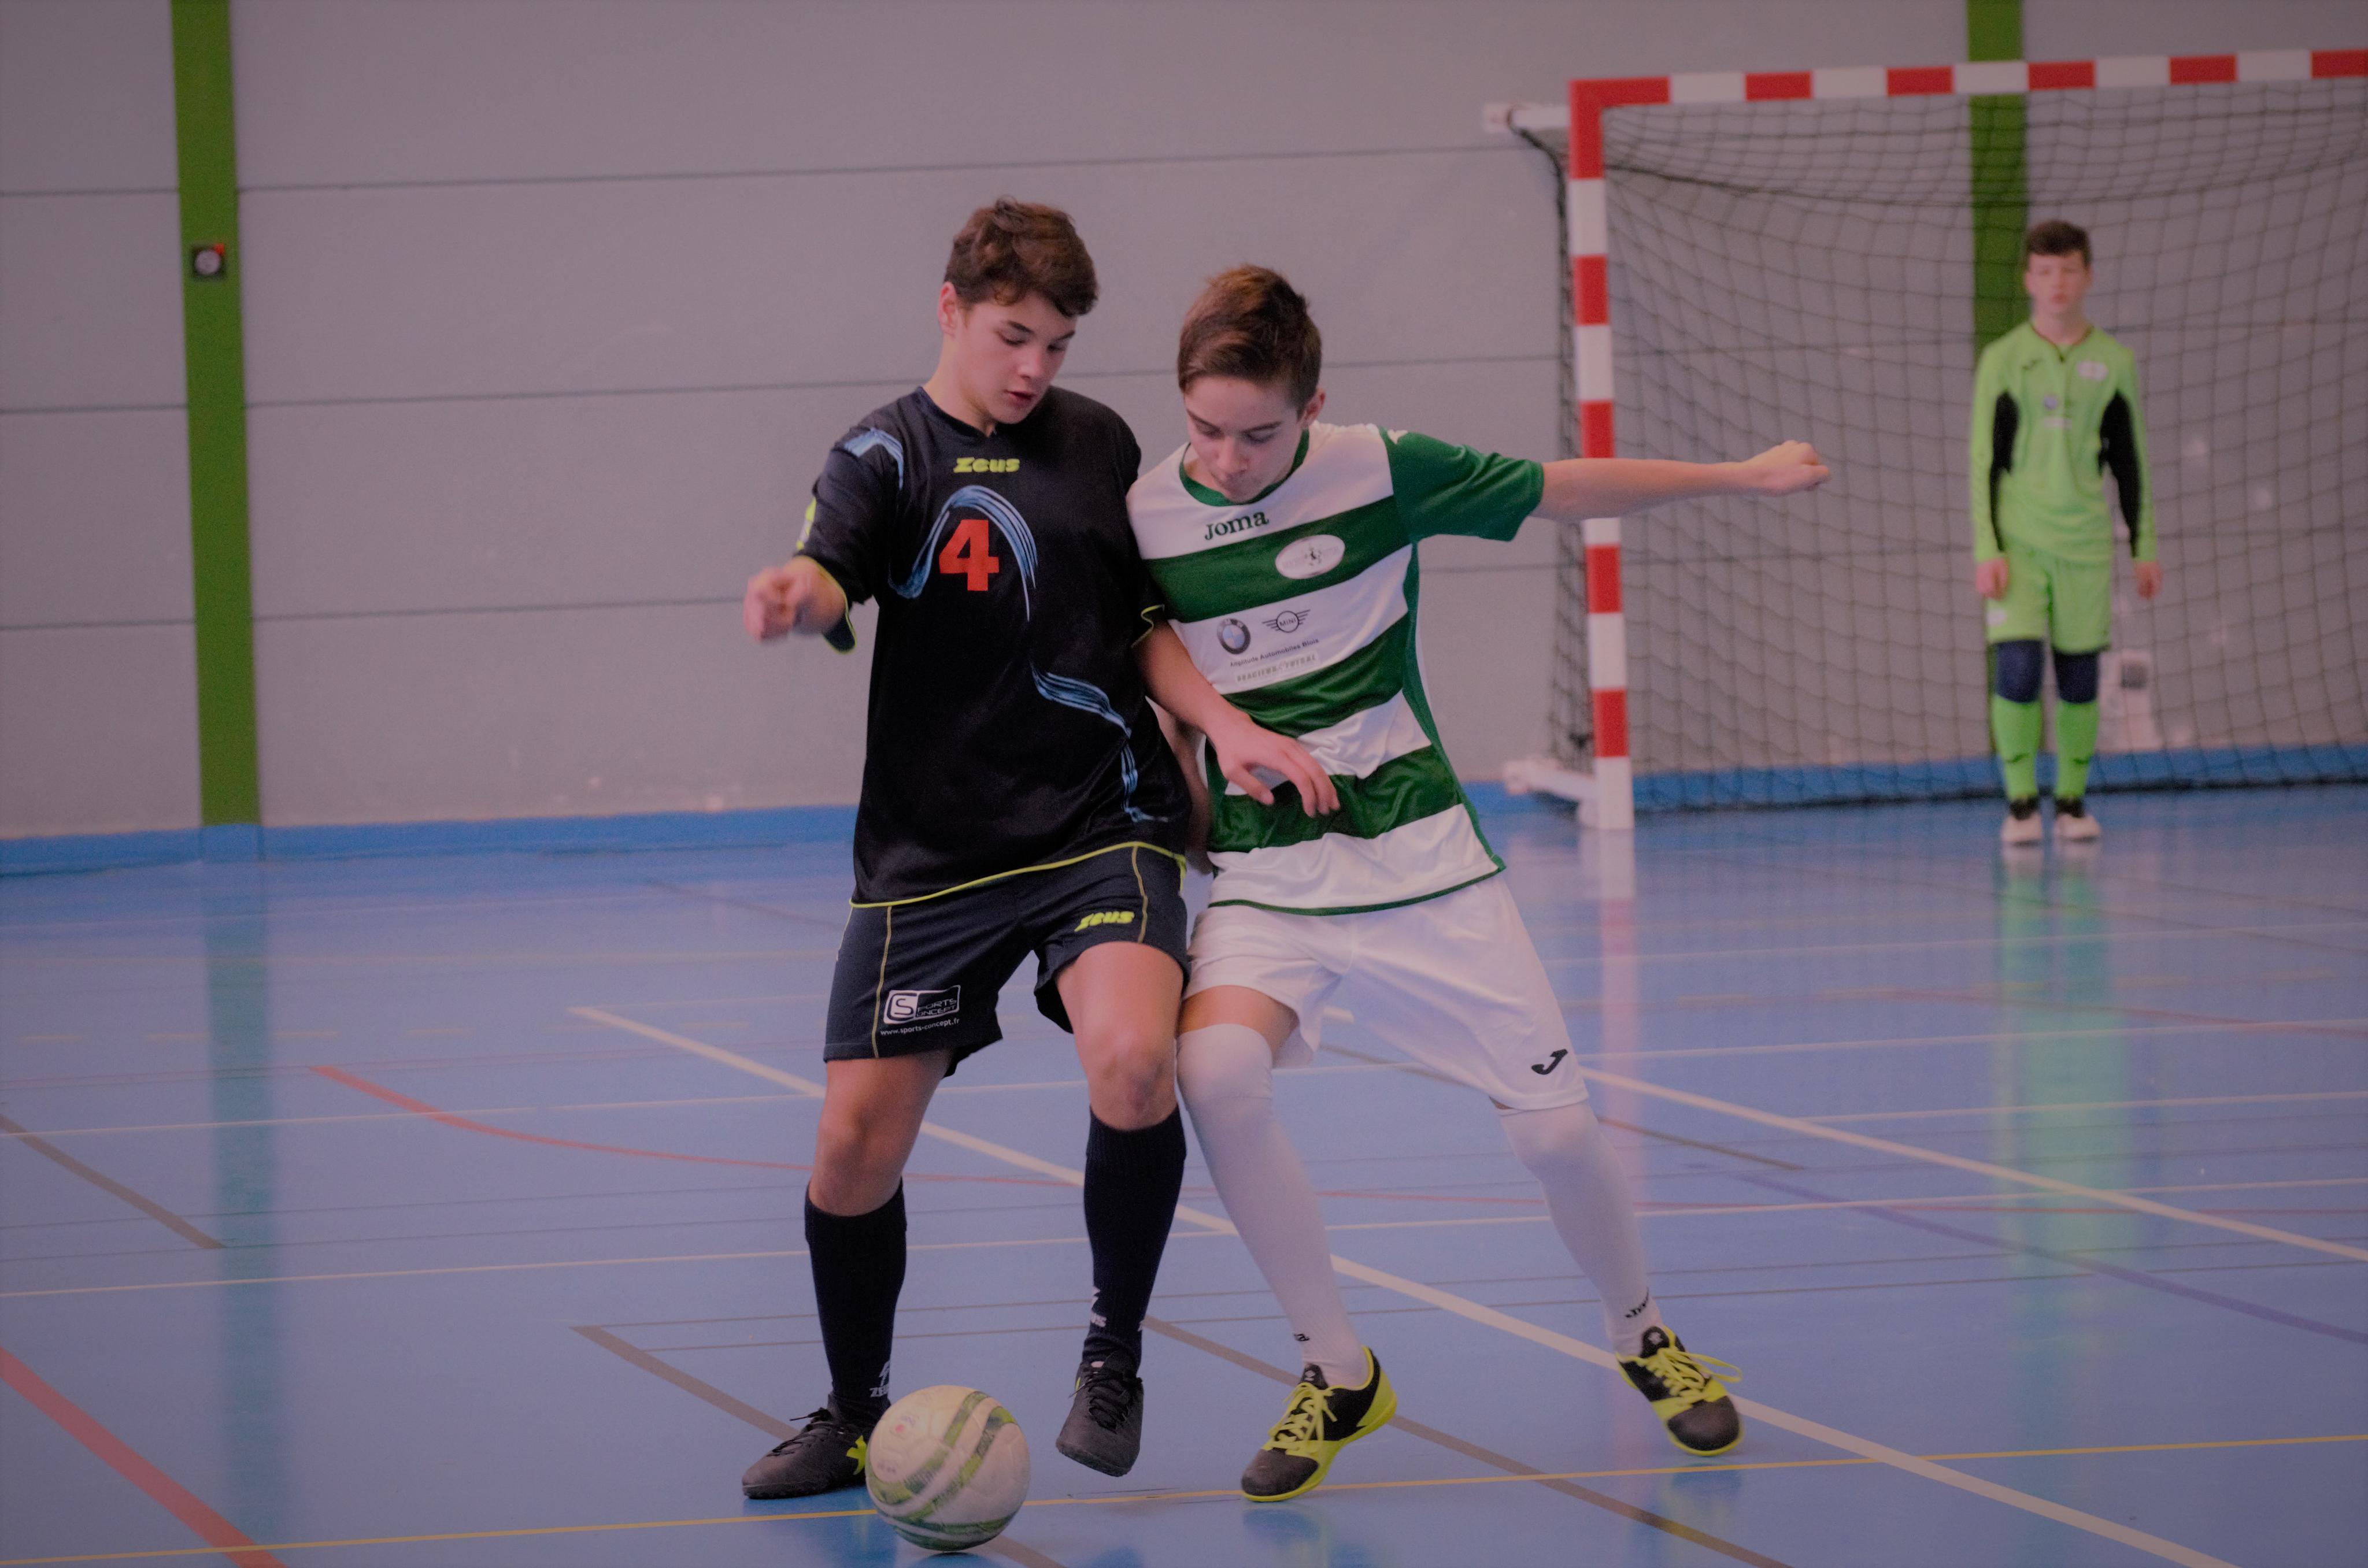 academie futsal france aff (1)